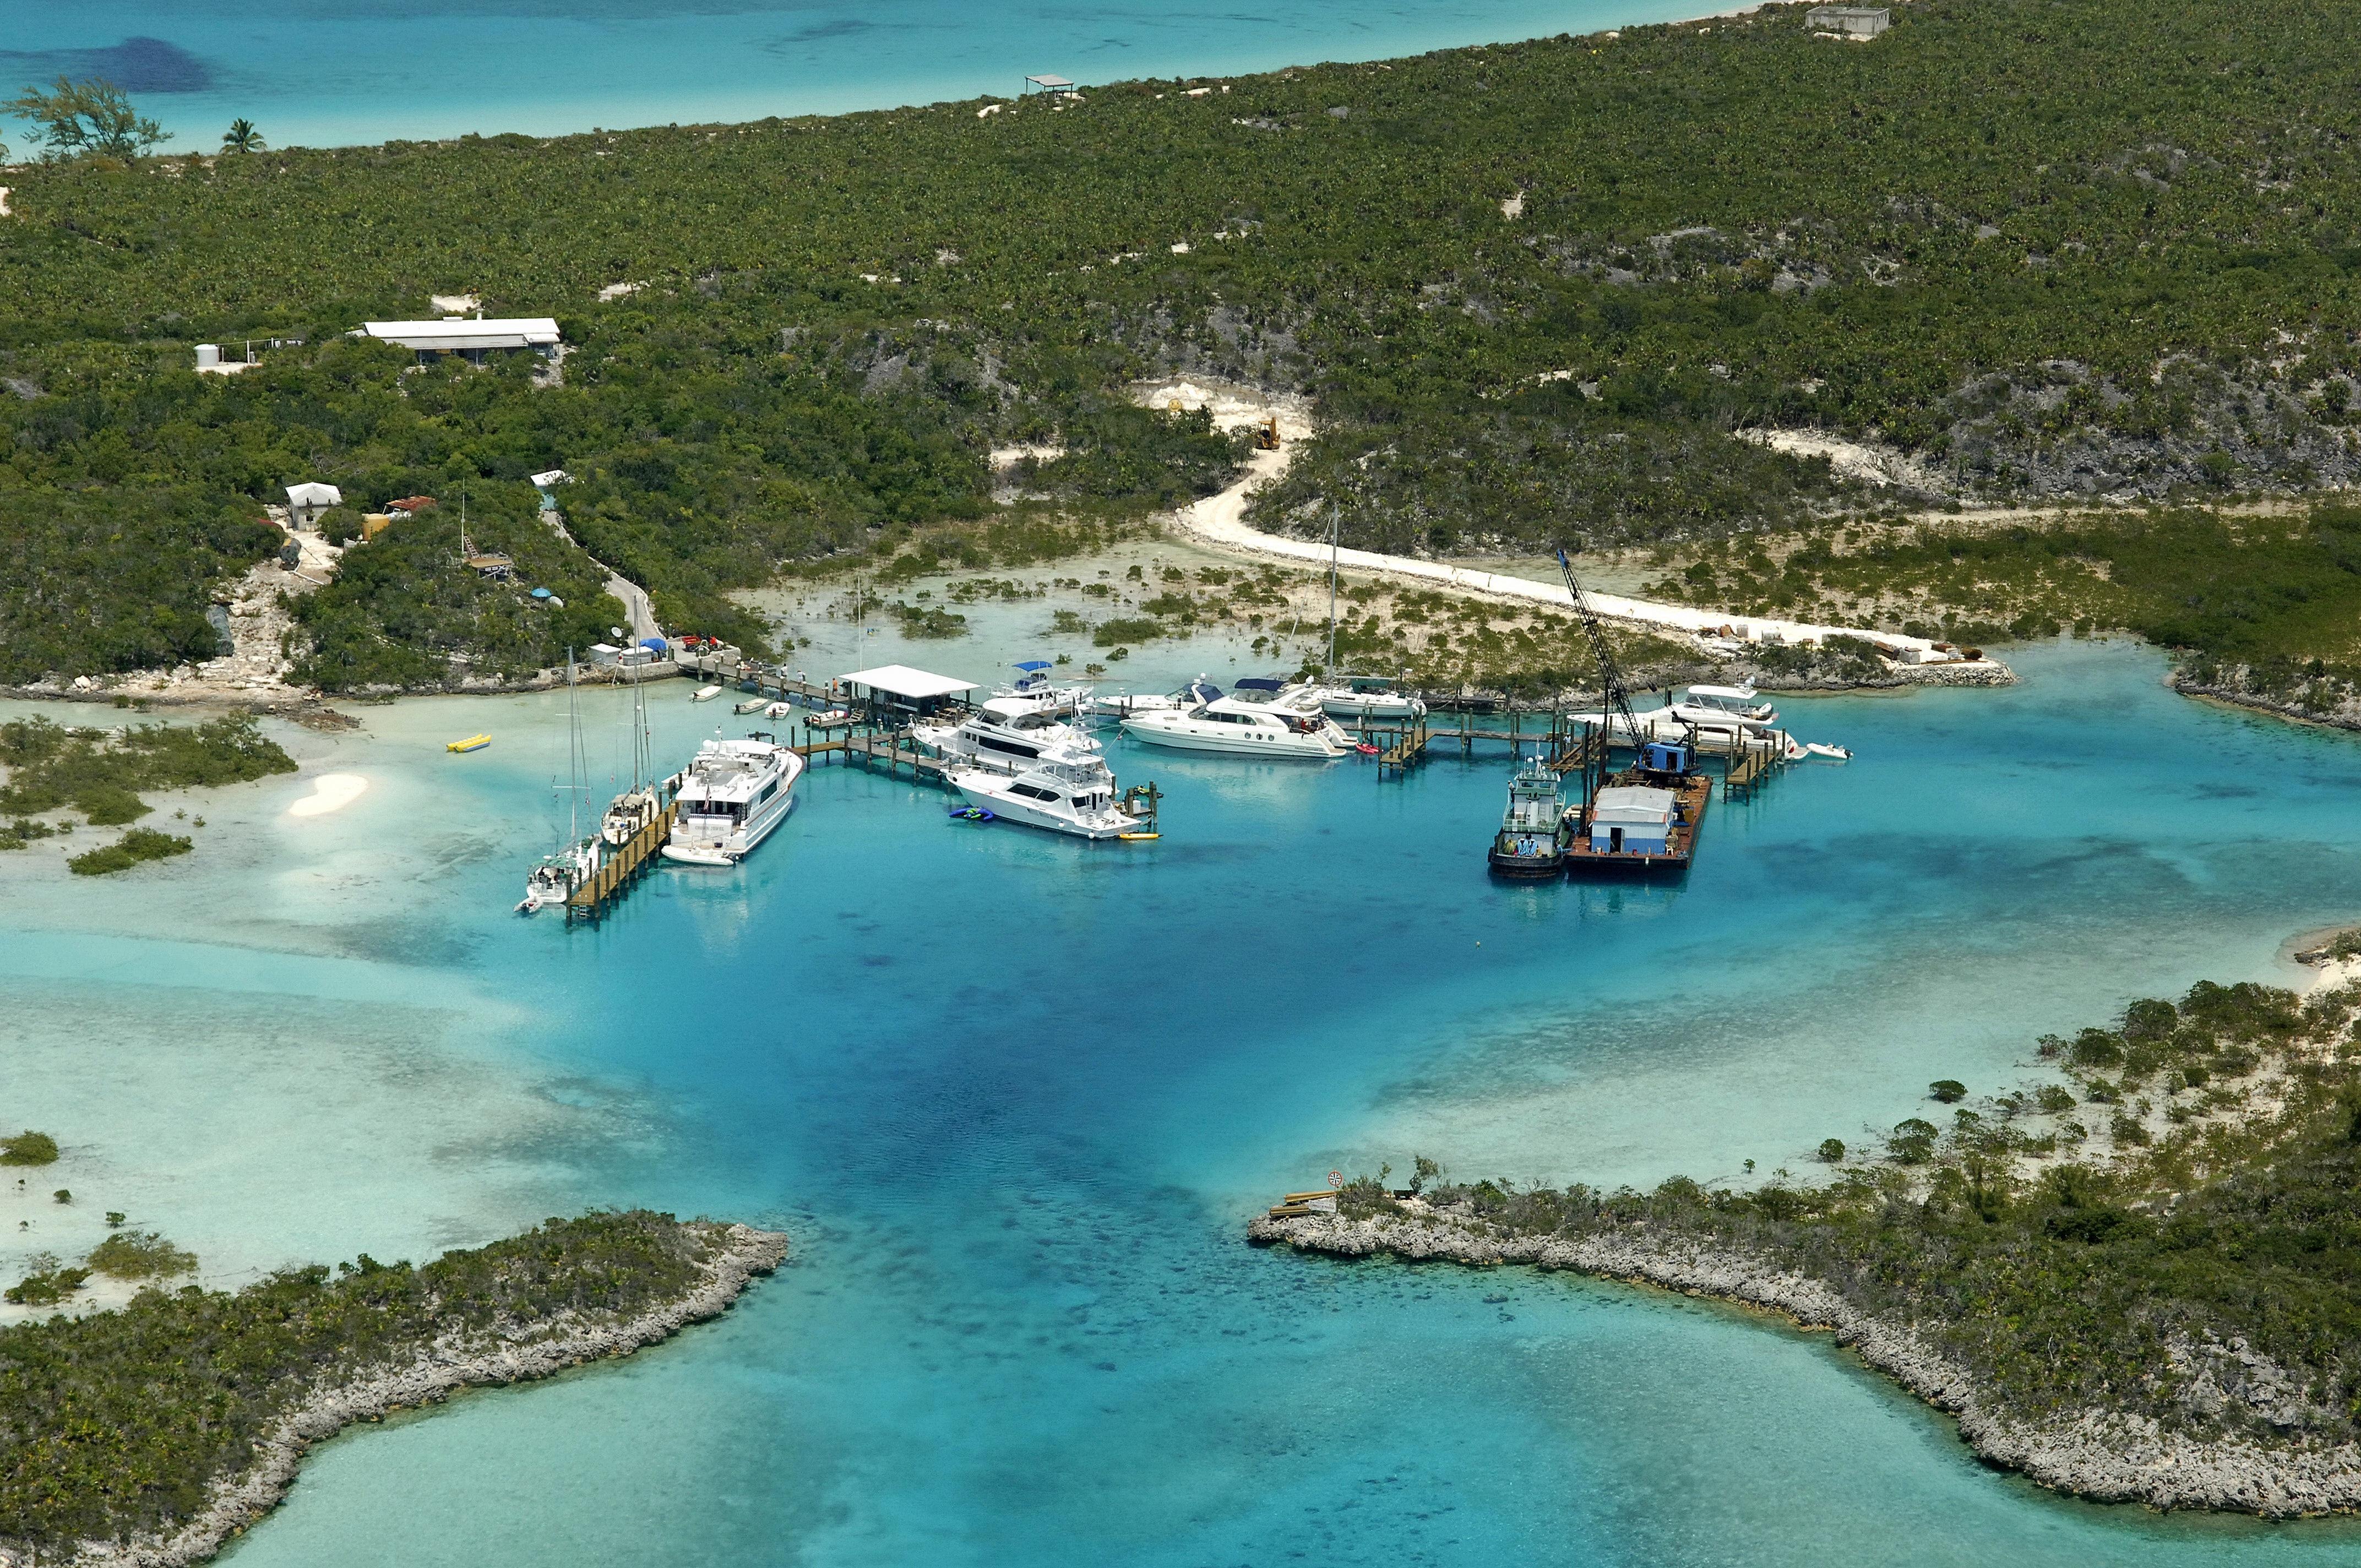 Compass Cay Marina in Staniel Cay, EX, Bahamas - Marina